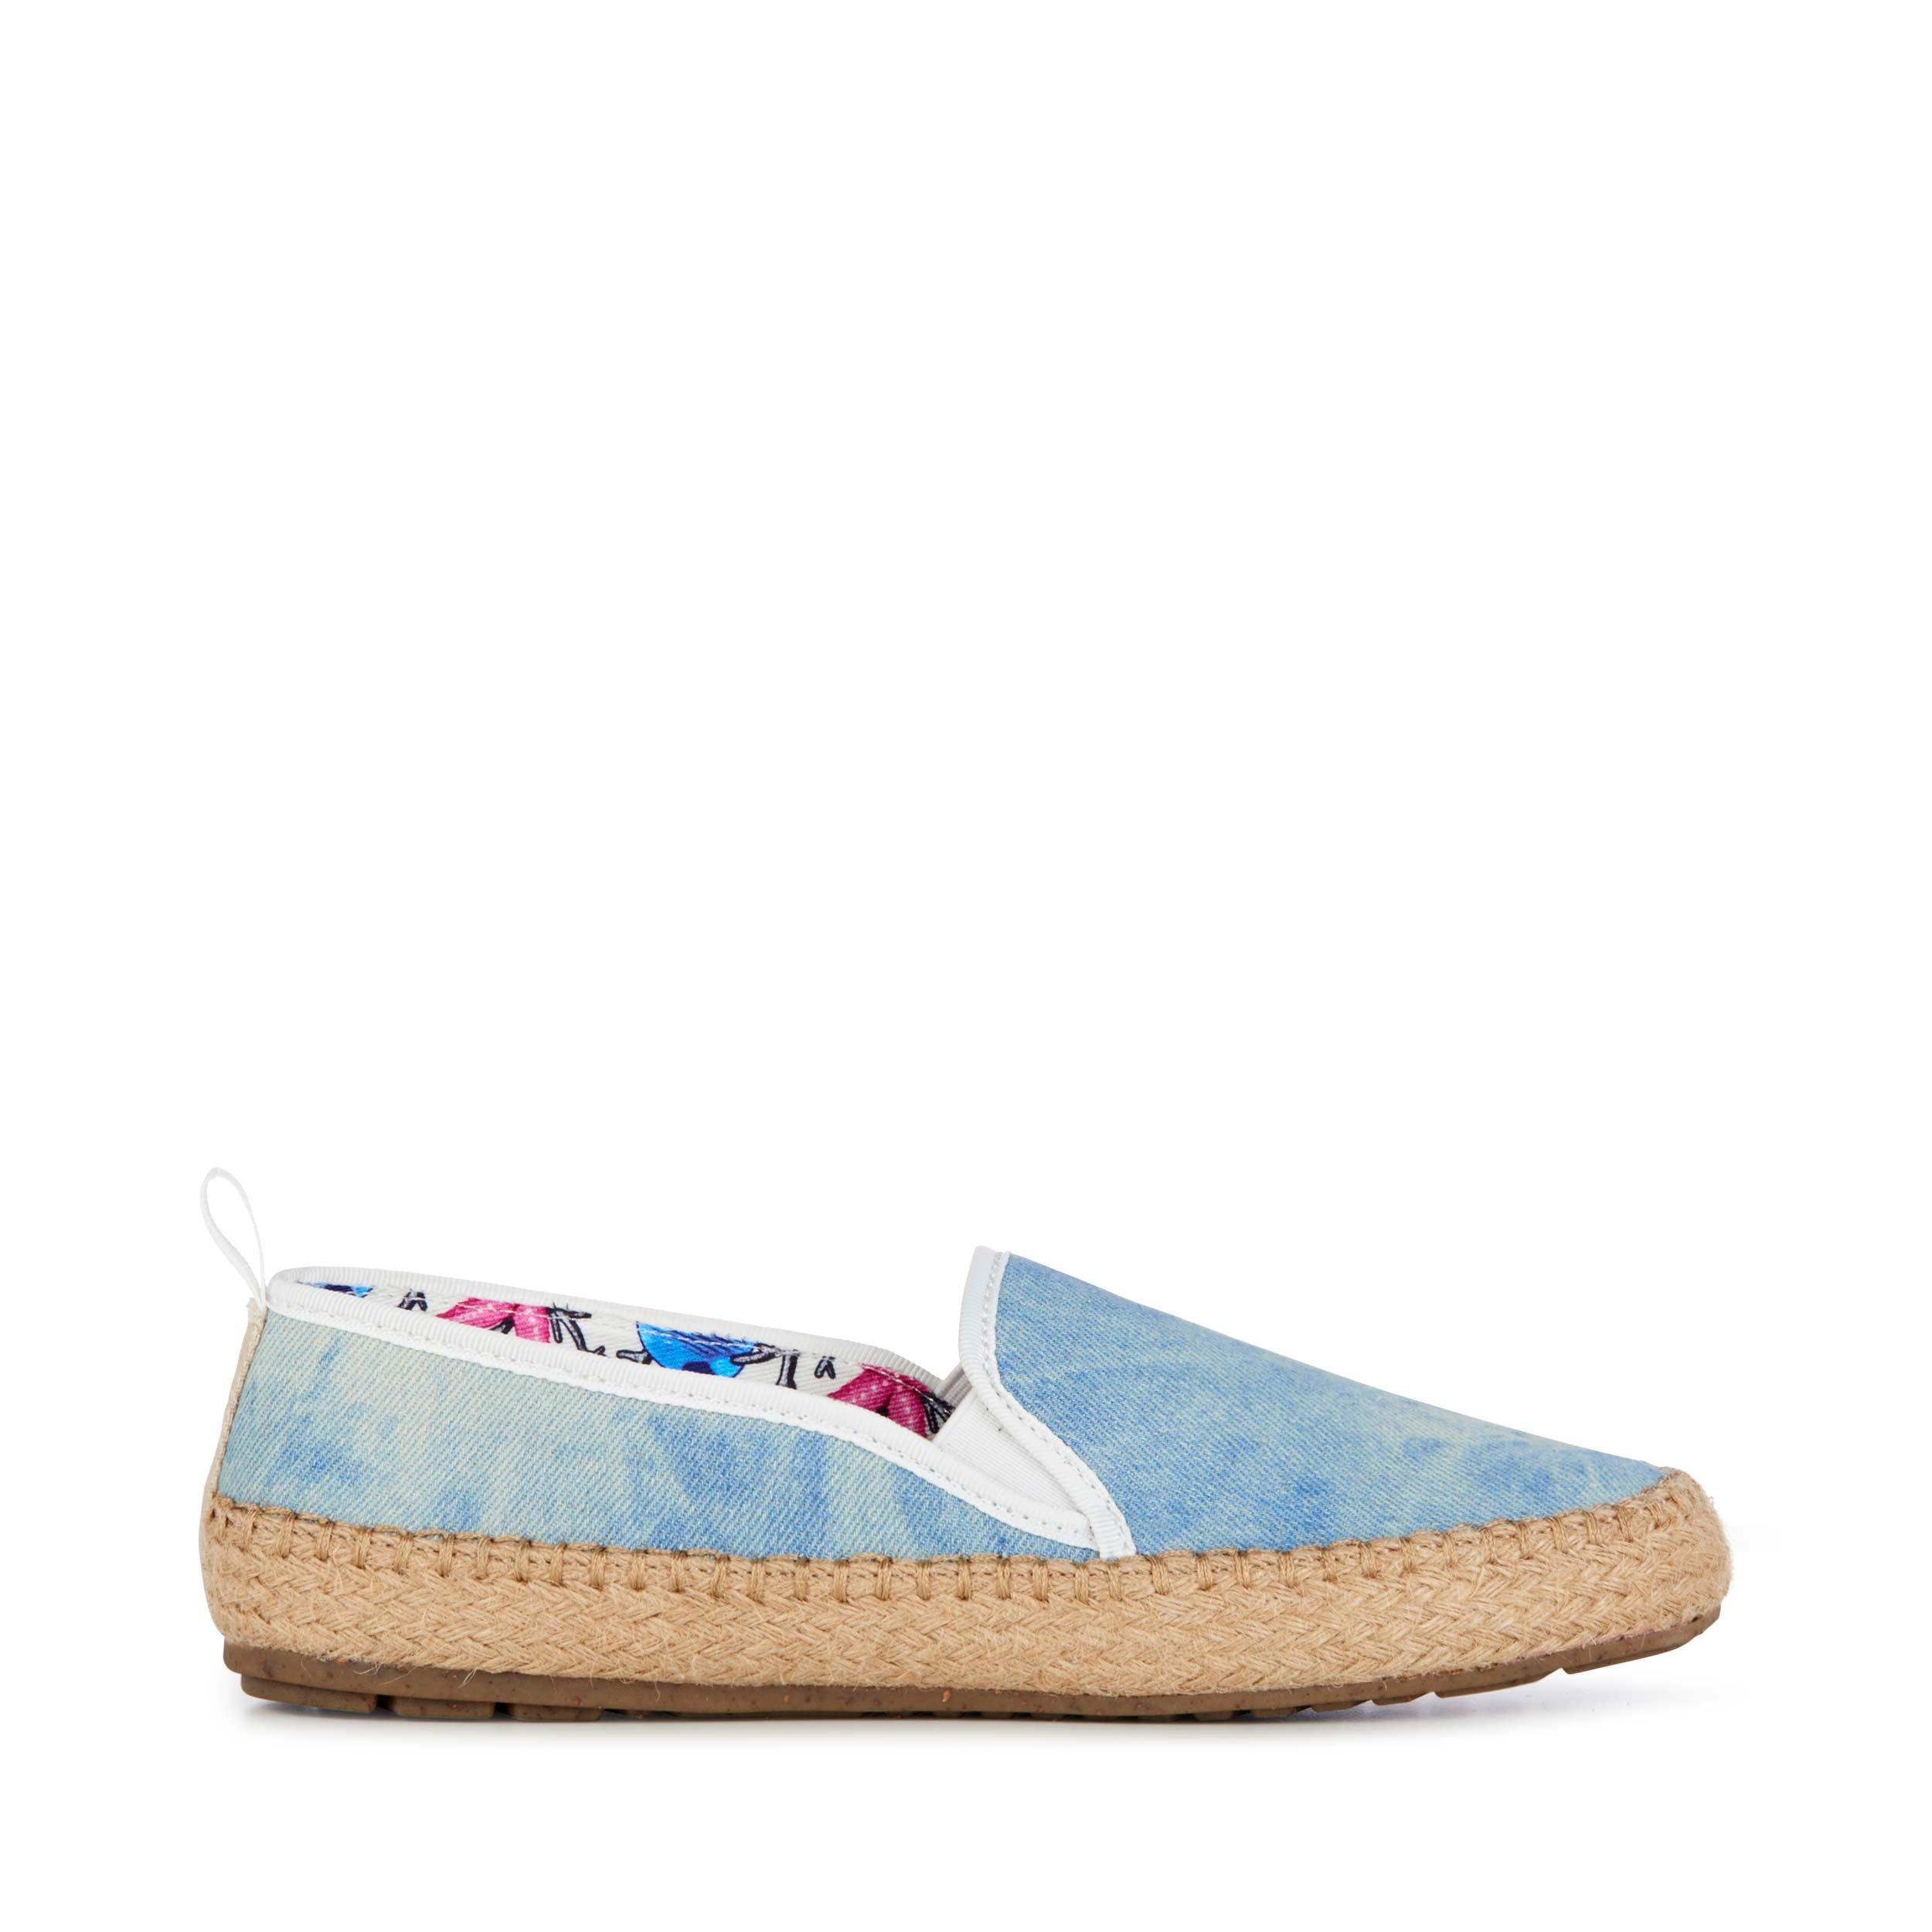 EMU Australia Womens Shoes Gum Canvas Size 8